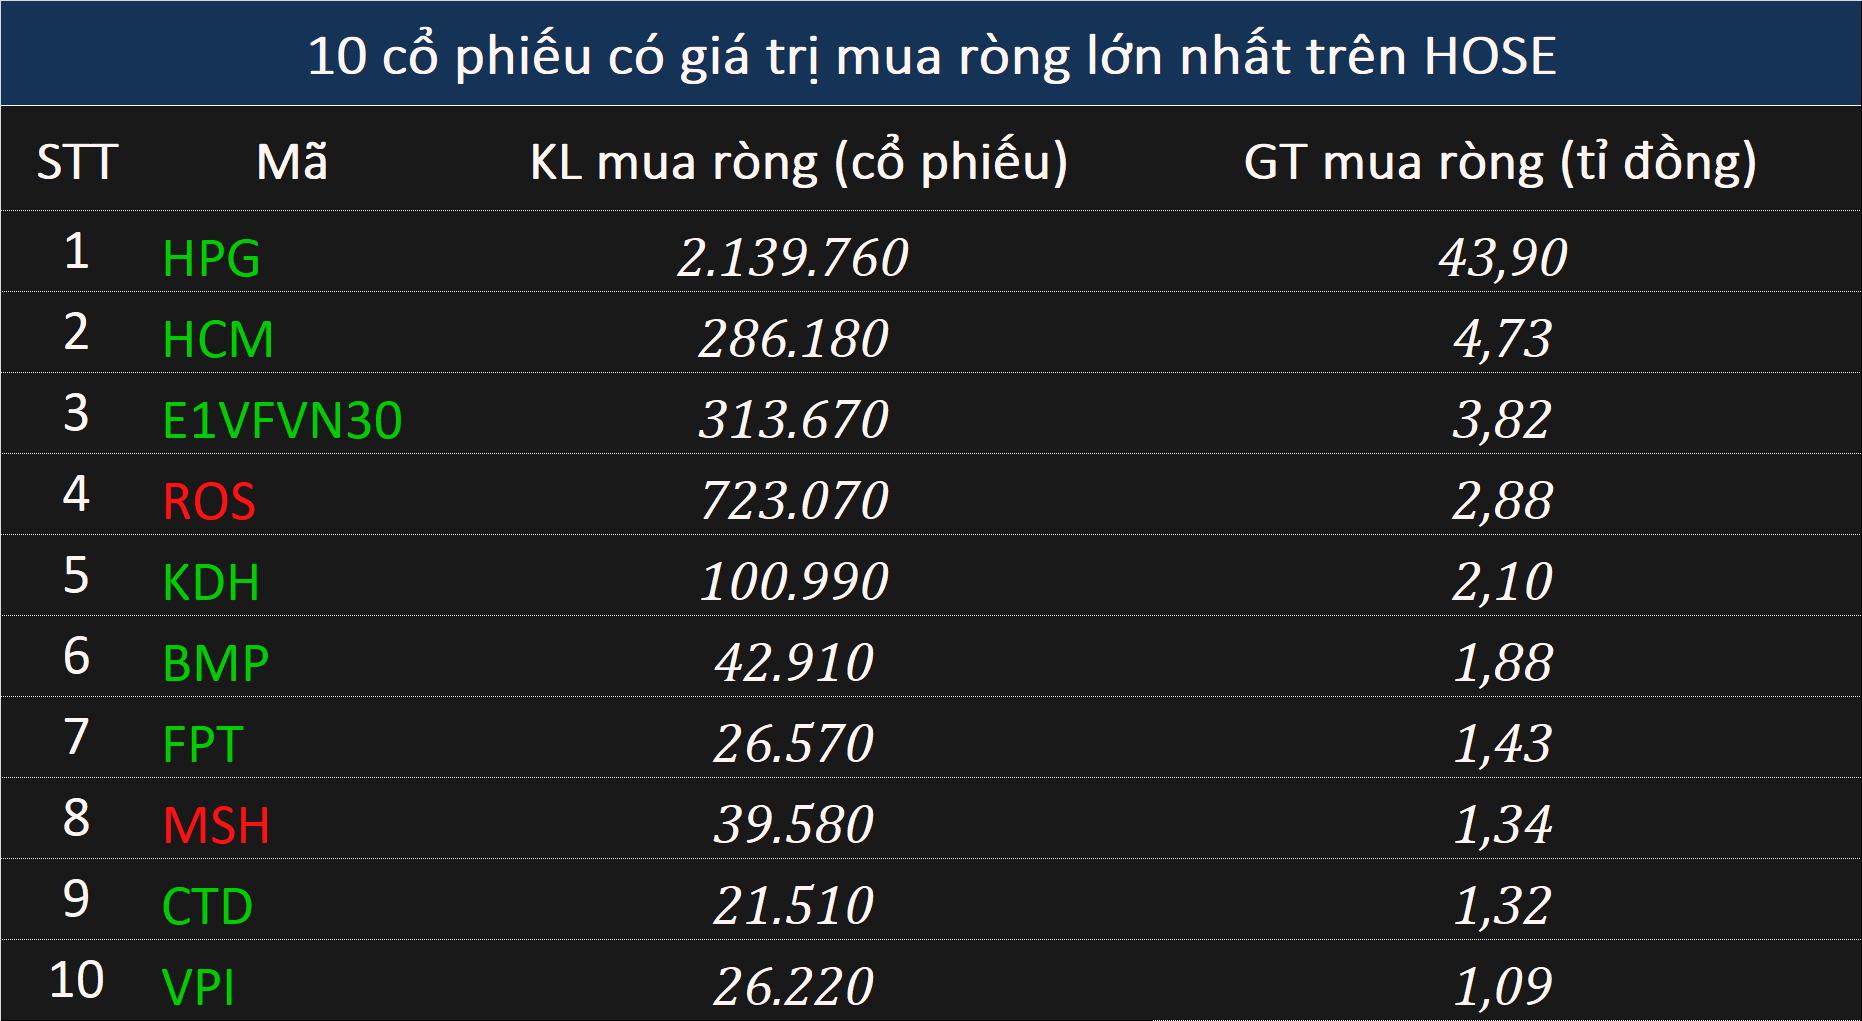 Khối ngoại bán ròng 433 tỉ đồng toàn thị trường phiên cuối tuần - Ảnh 2.